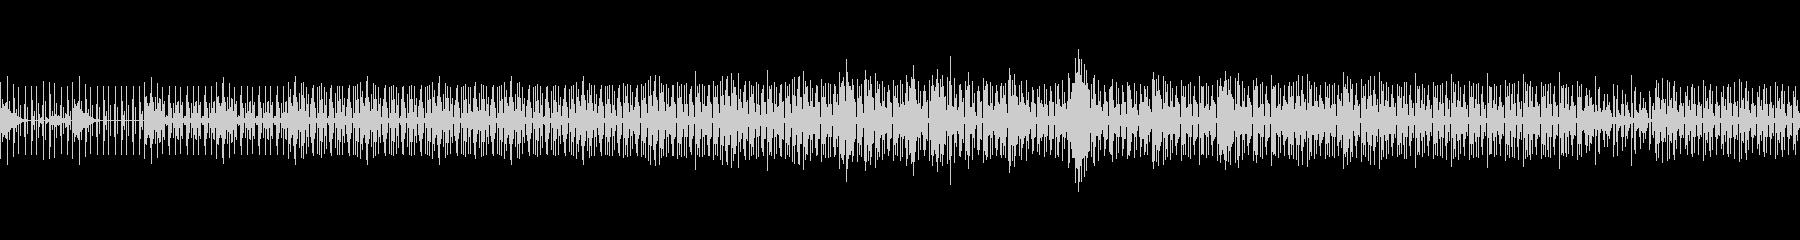 dub調の曲の未再生の波形